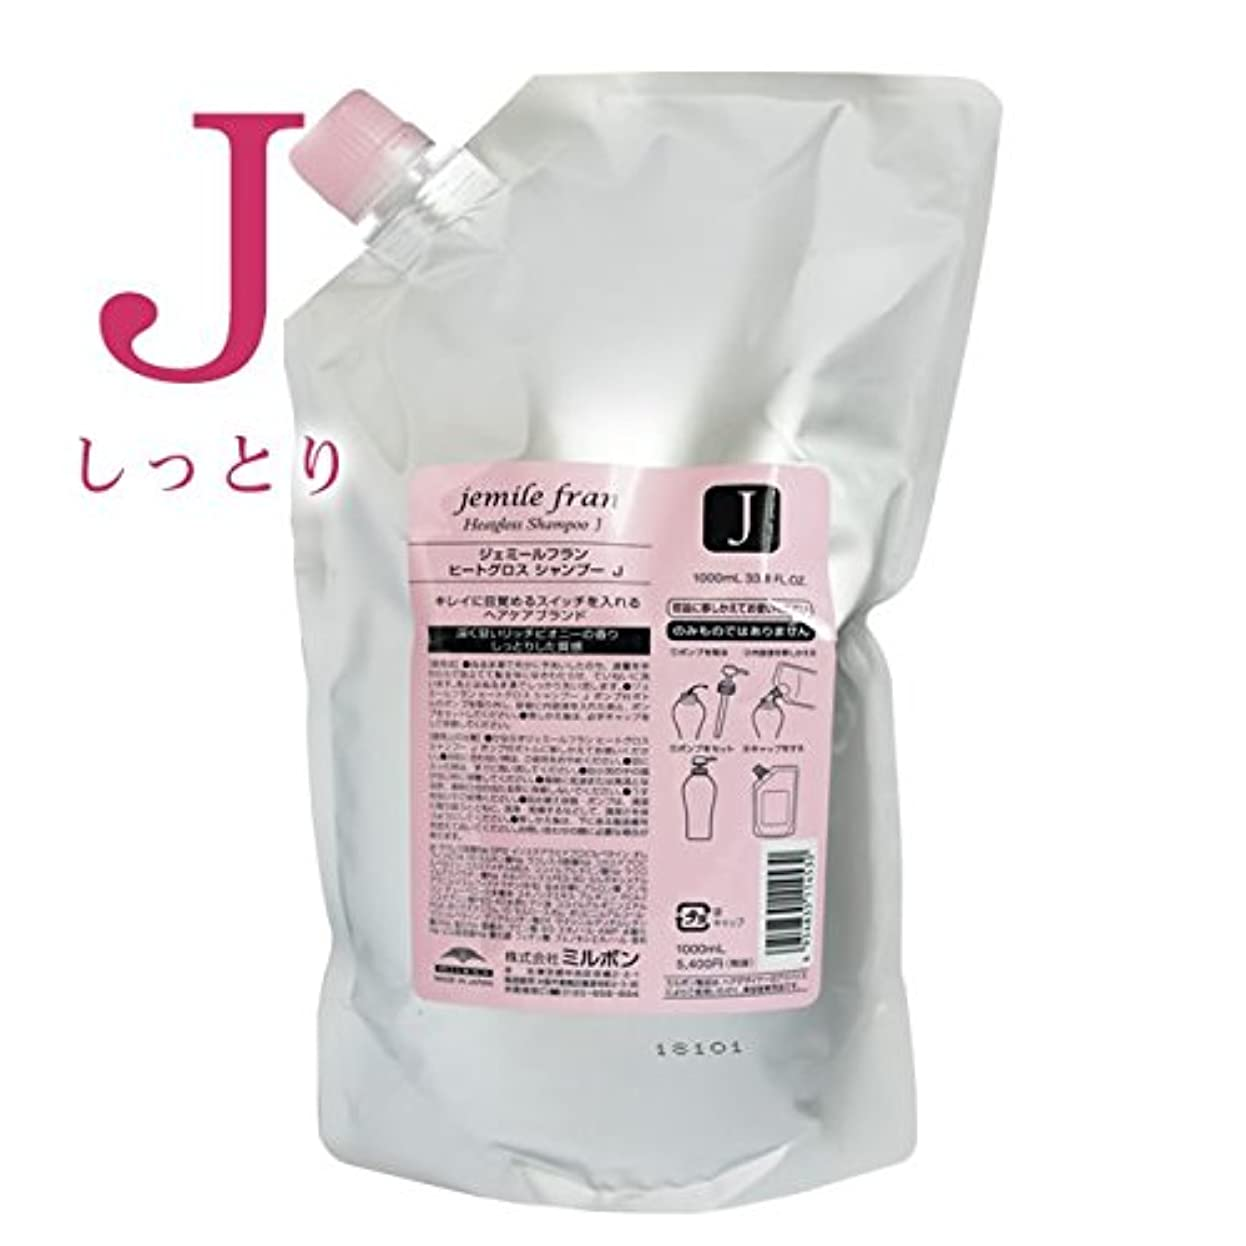 フラスコサロンせせらぎミルボン ジェミールフラン ヒートグロス シャンプーJ 1000ml (詰替用)